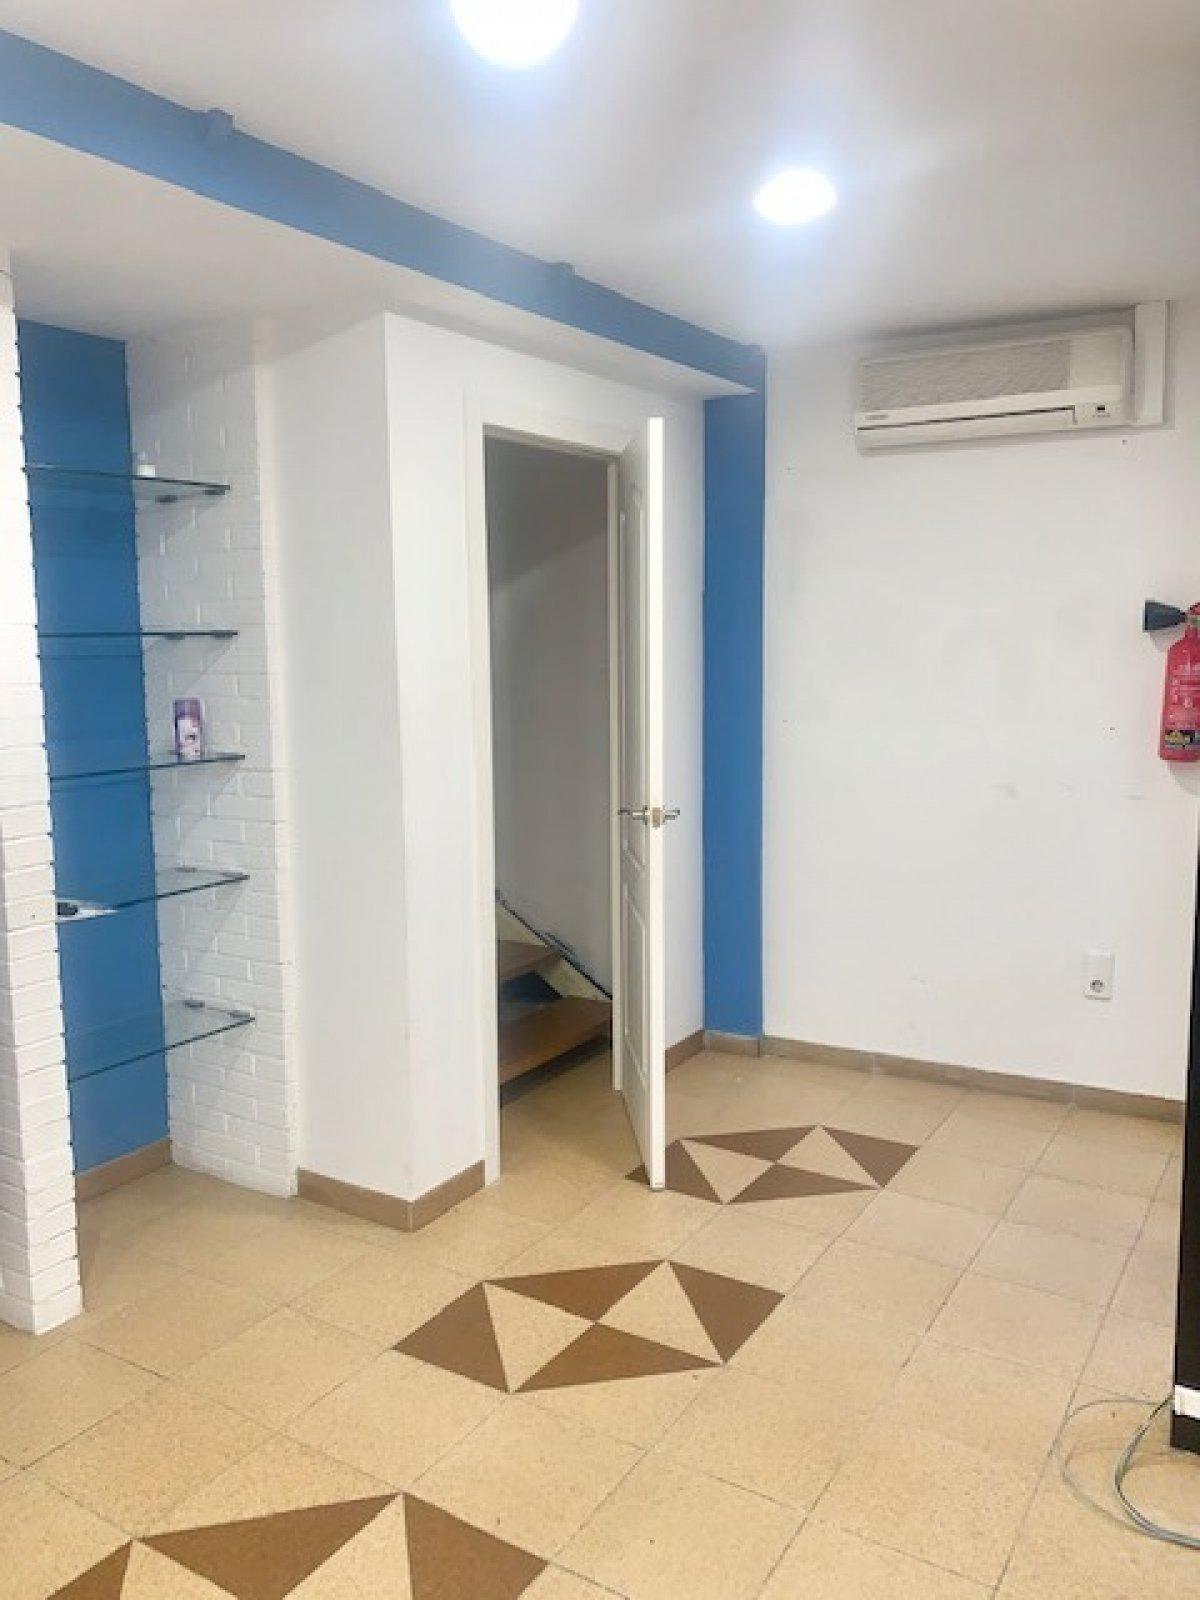 Local delicias- torres quevedo.- planta calle, altillo, sótano y garaje. alquiler o venta - imagenInmueble10